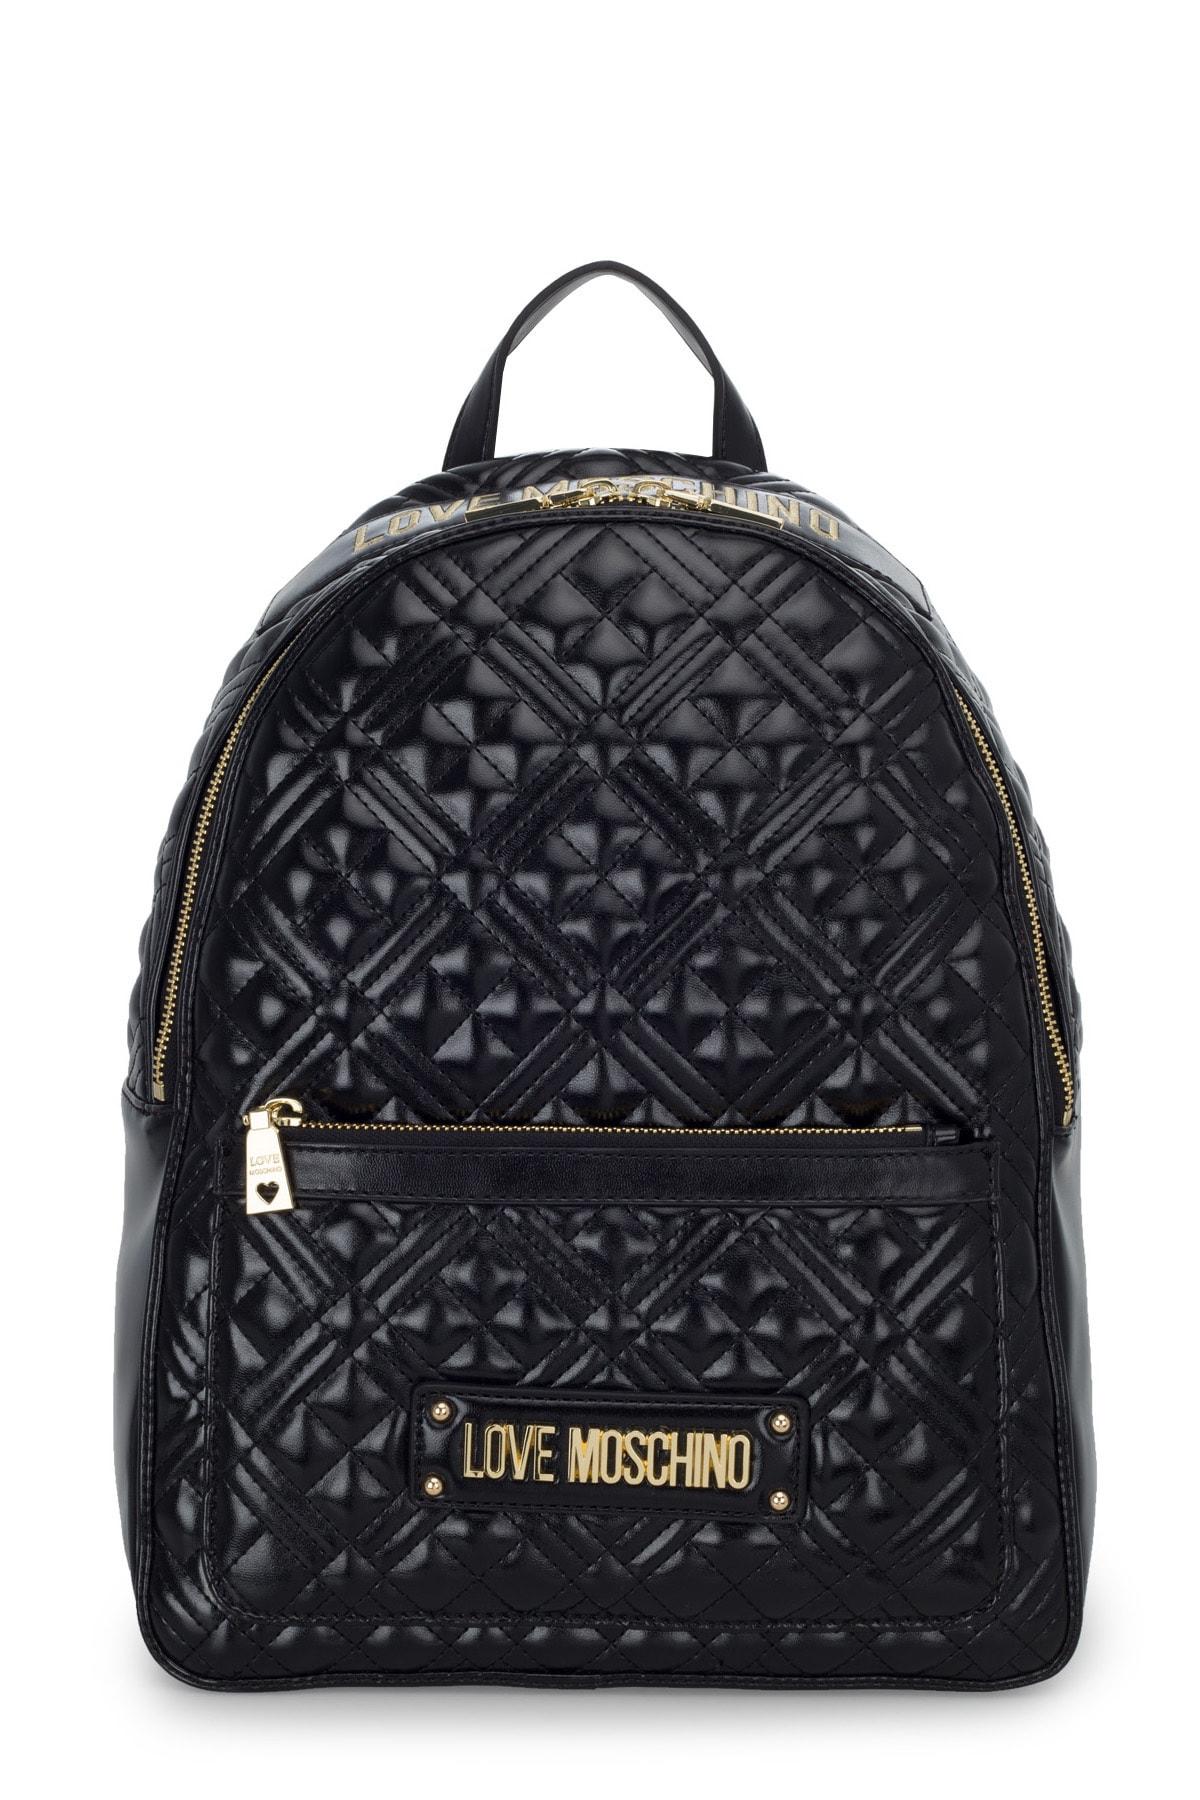 Love Moschino Kadın Siyah Logo Baskılı Ayarlanabilir Askılı Çanta Jc4007pp1bla0000 1